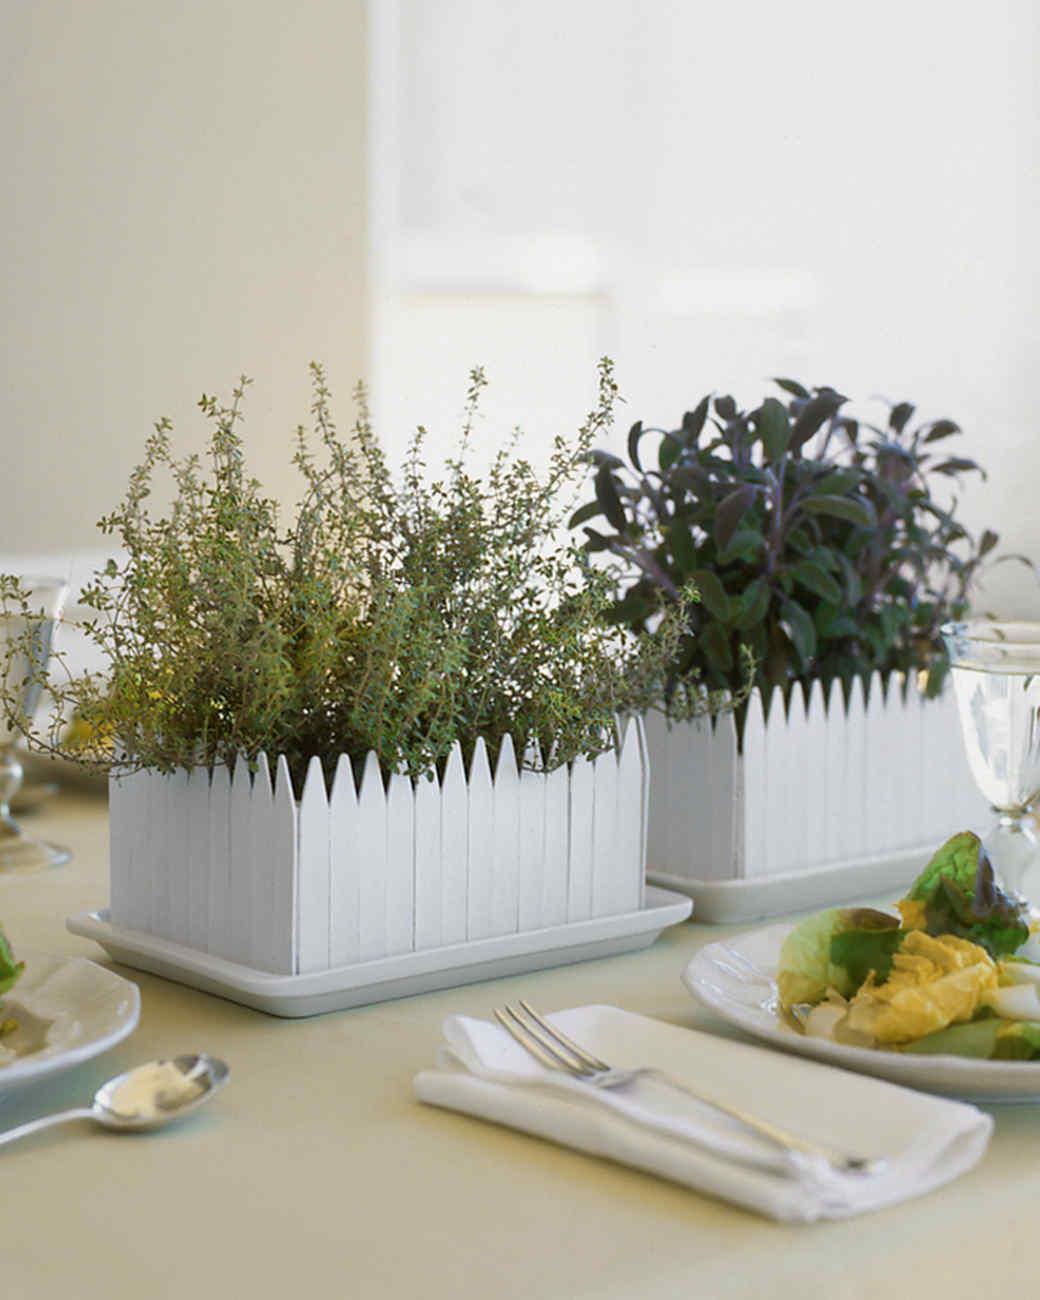 Superbe Herb Garden Centerpiece